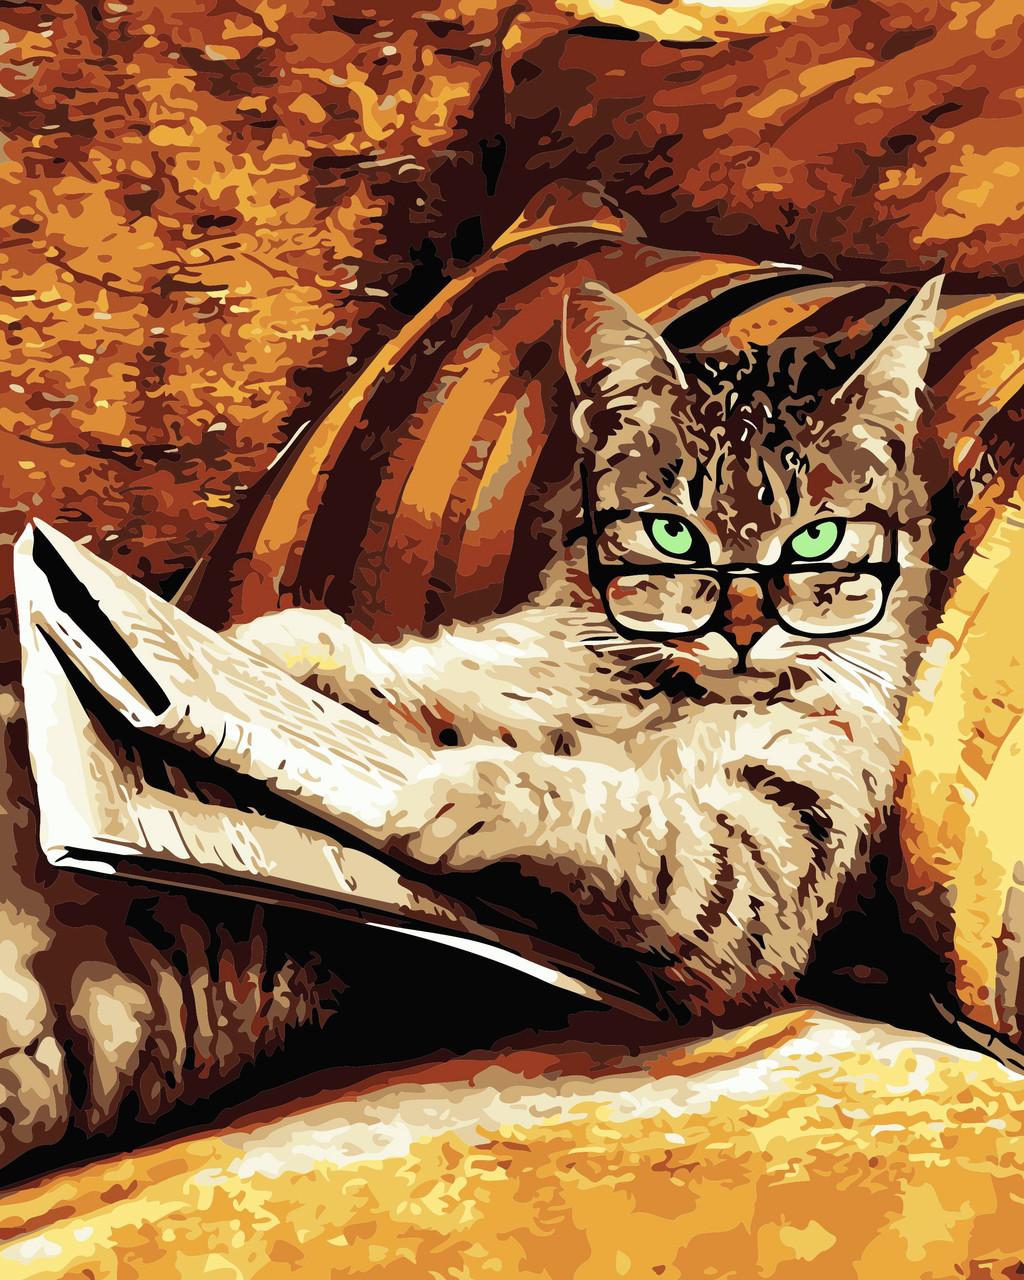 Художественный творческий набор, картина по номерам Кот с газетой, 40x50 см, «Art Story» (AS0557)